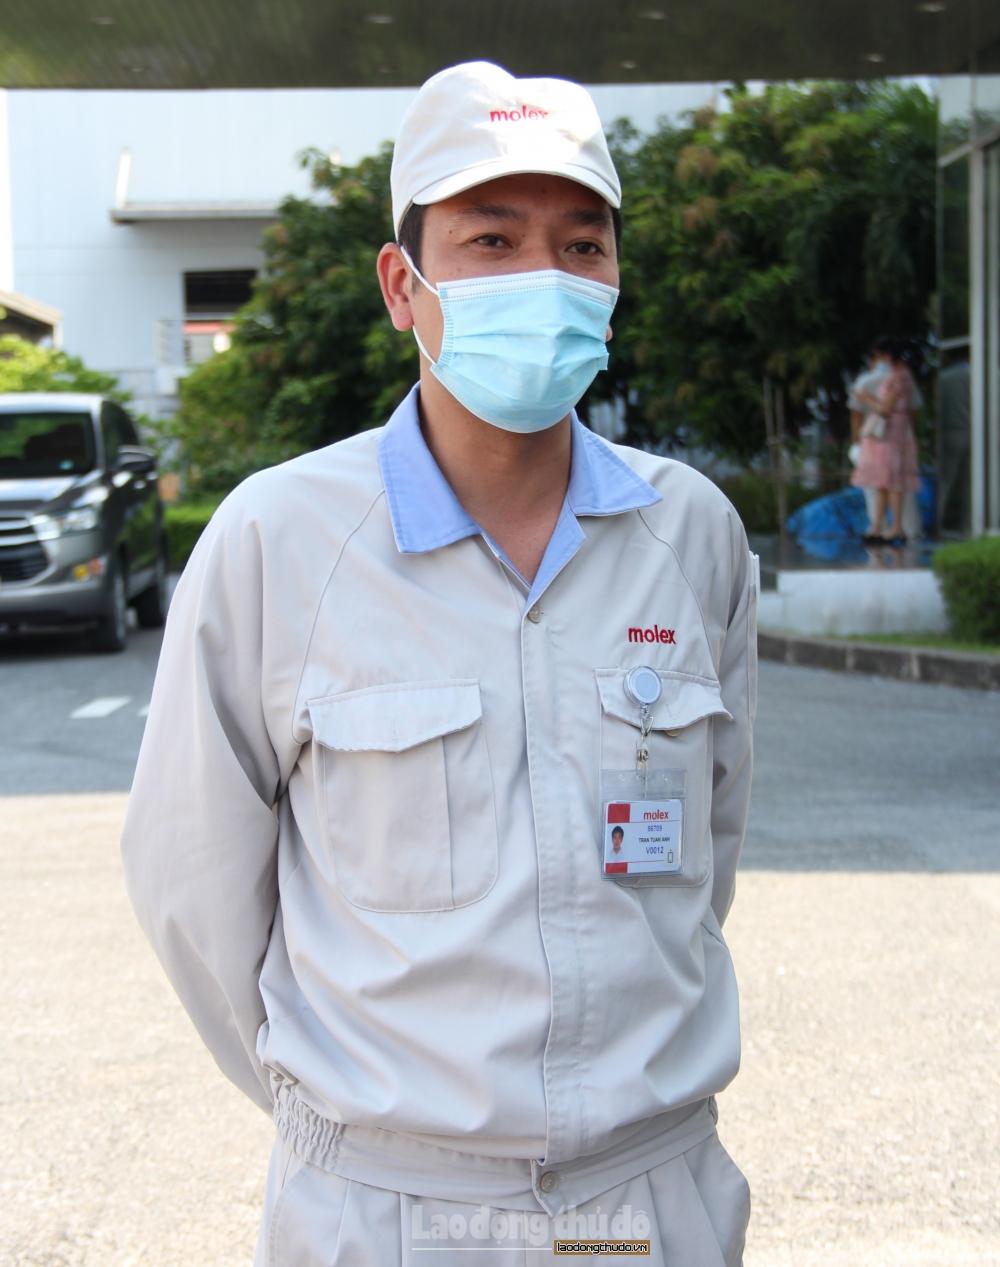 Trao các nhu yếu phẩm thiết yếu cho 466 công nhân lao động đang cách ly vì dịch Covid-19